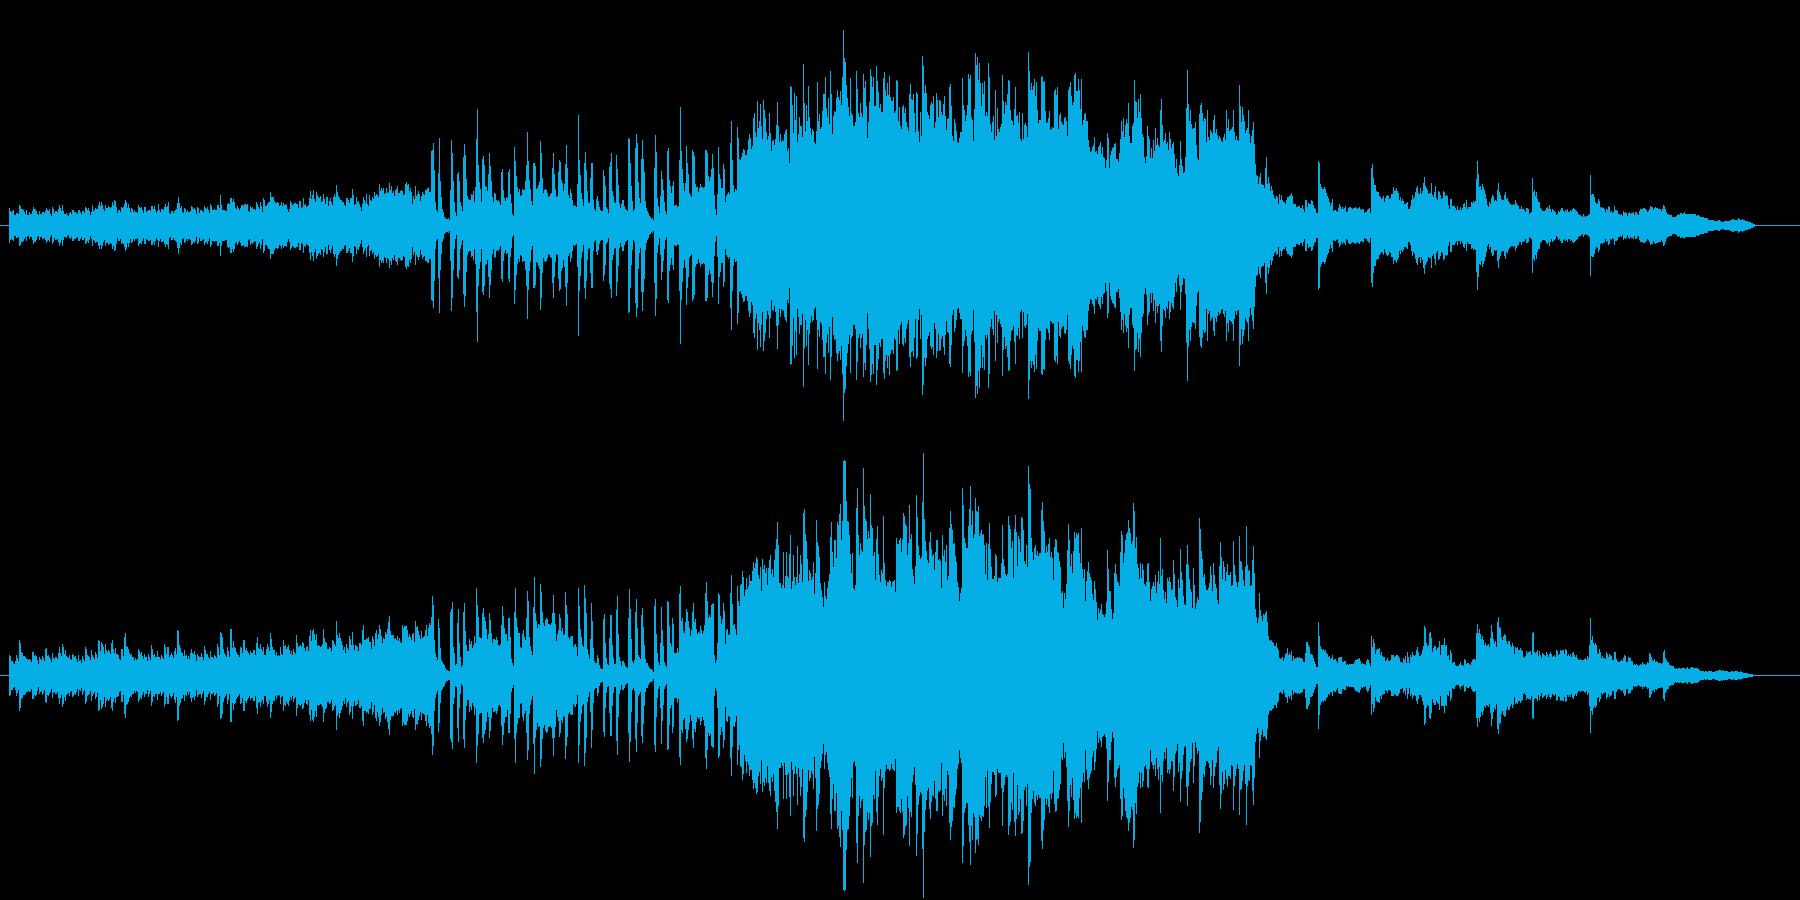 ピアノとオーケストラ感動的BGM春っぽいの再生済みの波形